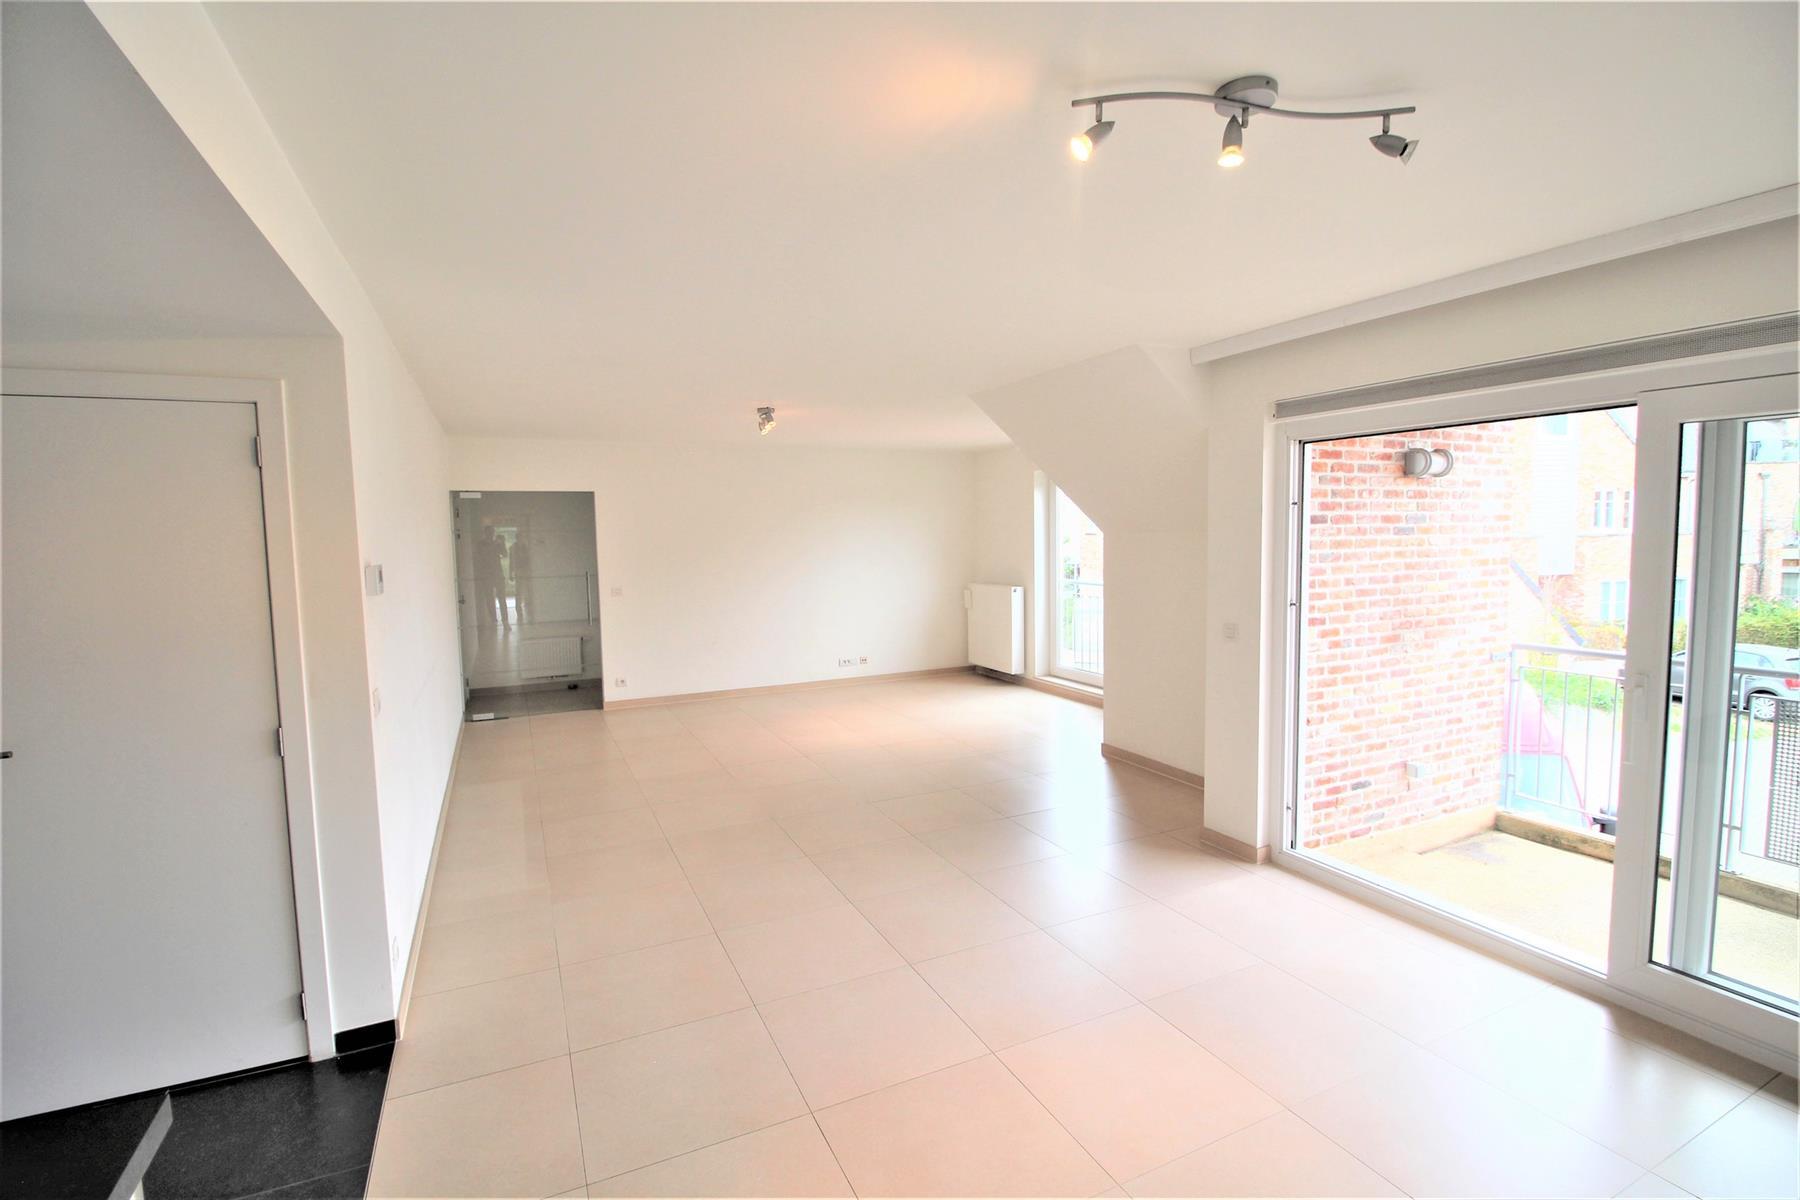 Appartement - Grez-Doiceau - #4163133-15